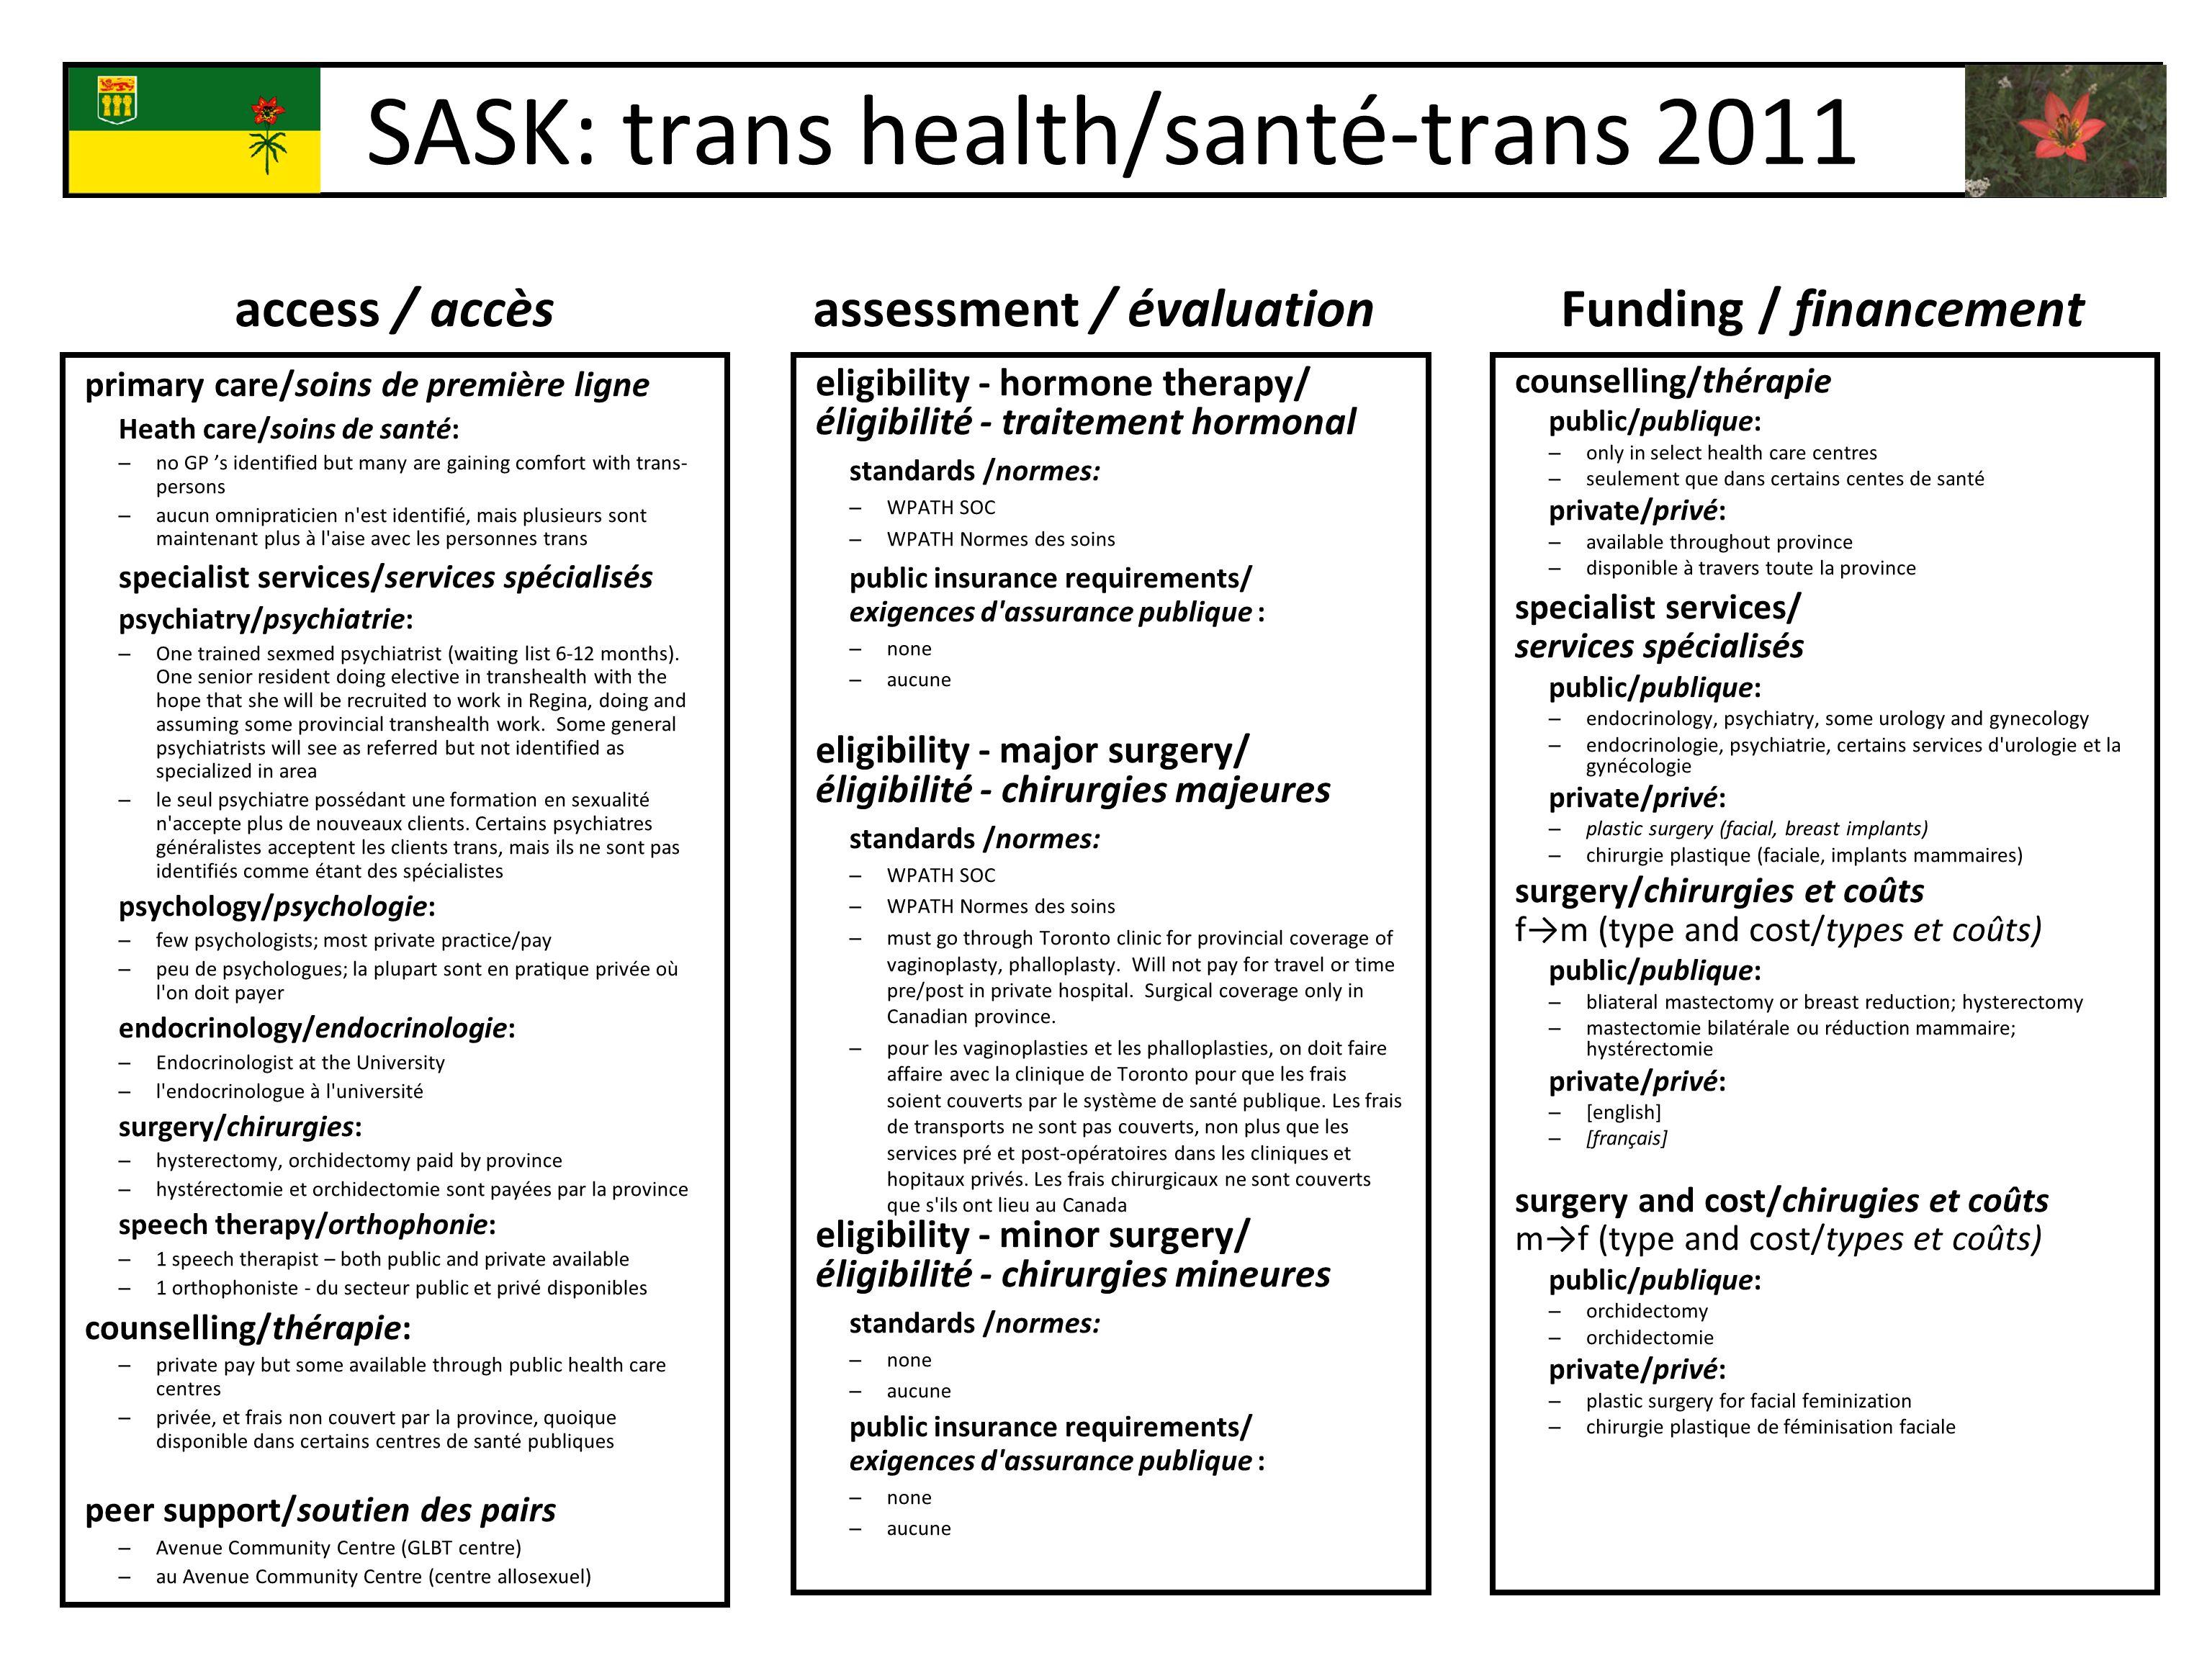 SASK: trans health/santé-trans 2011